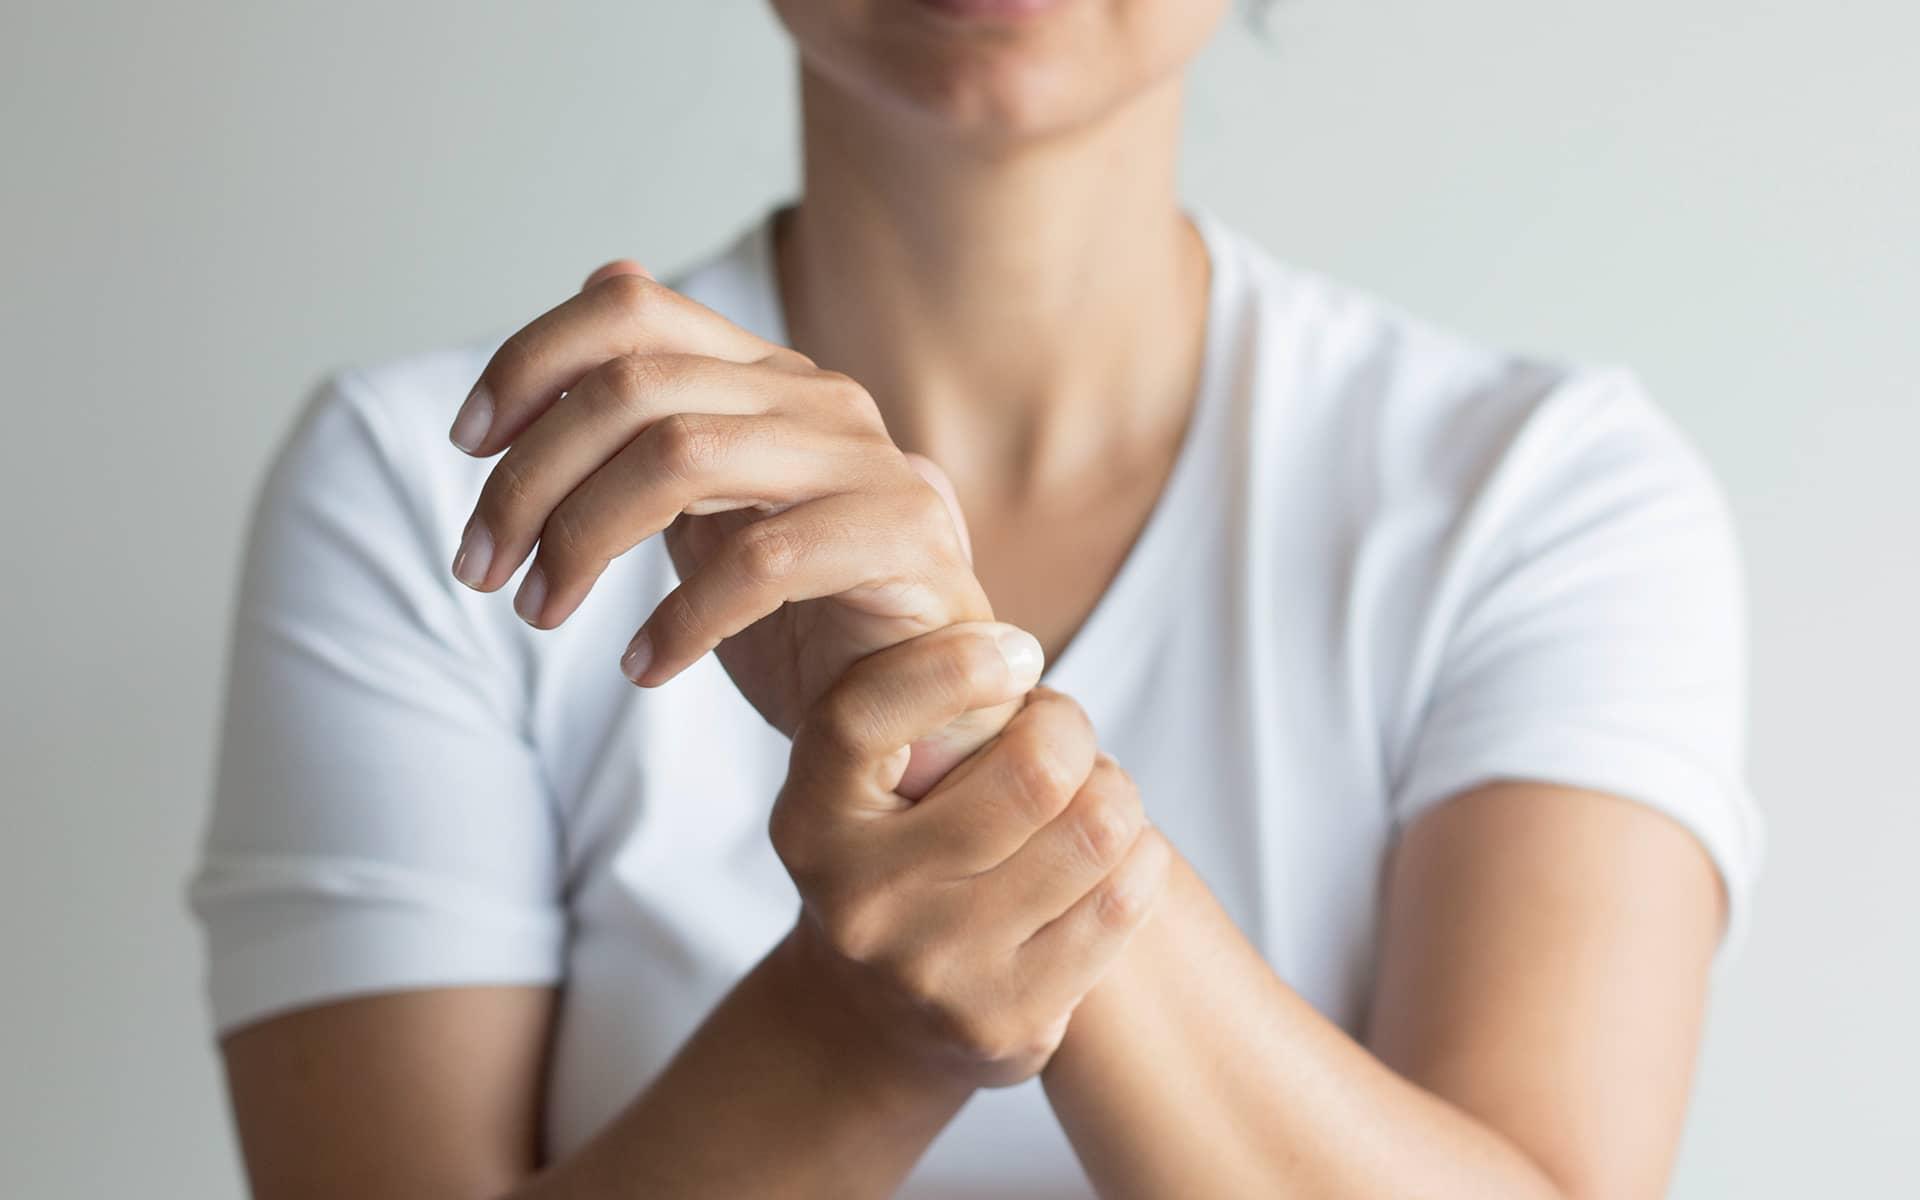 Les douleurs de la main et du poignet